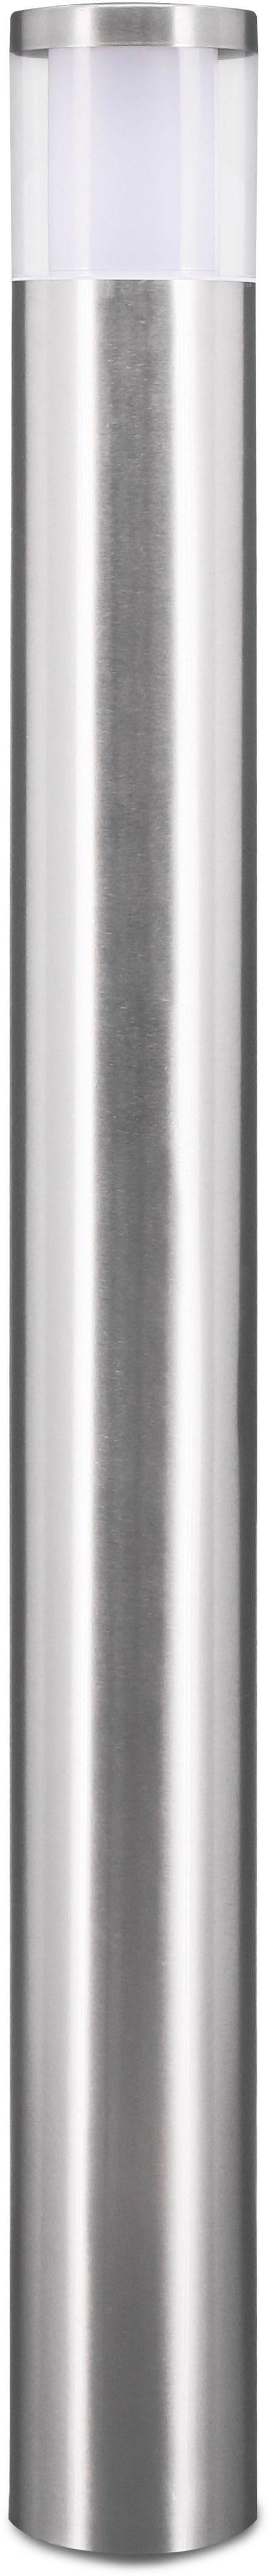 Eglo LED Außenleuchte, 1 flg., Stehleuchte, »Basalgo«